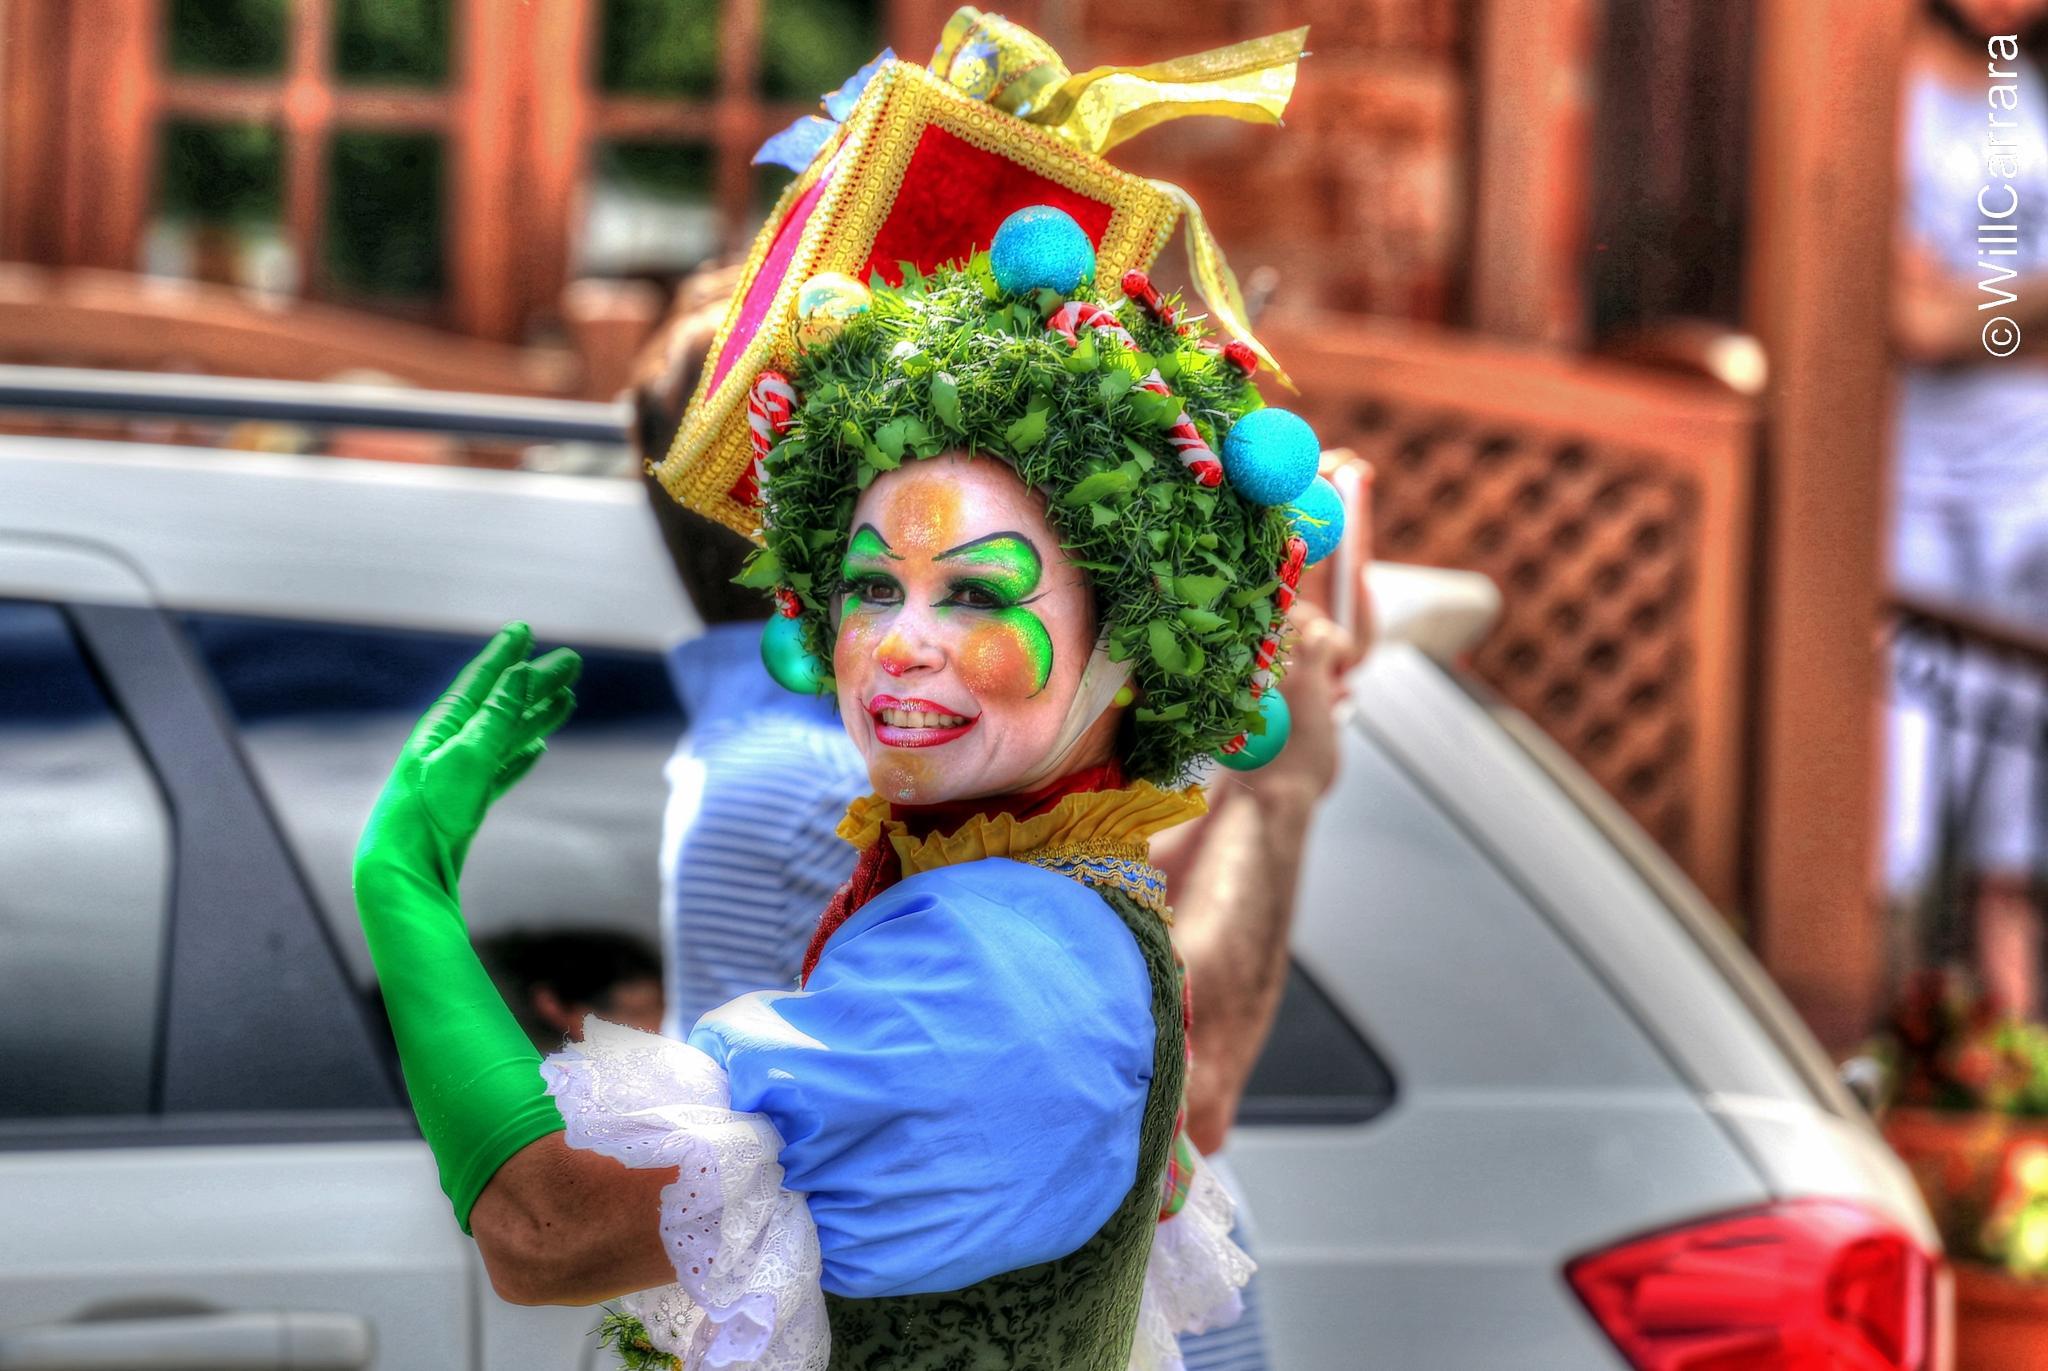 Parada de Natal - Canela\RS by Will Carrara Photographer